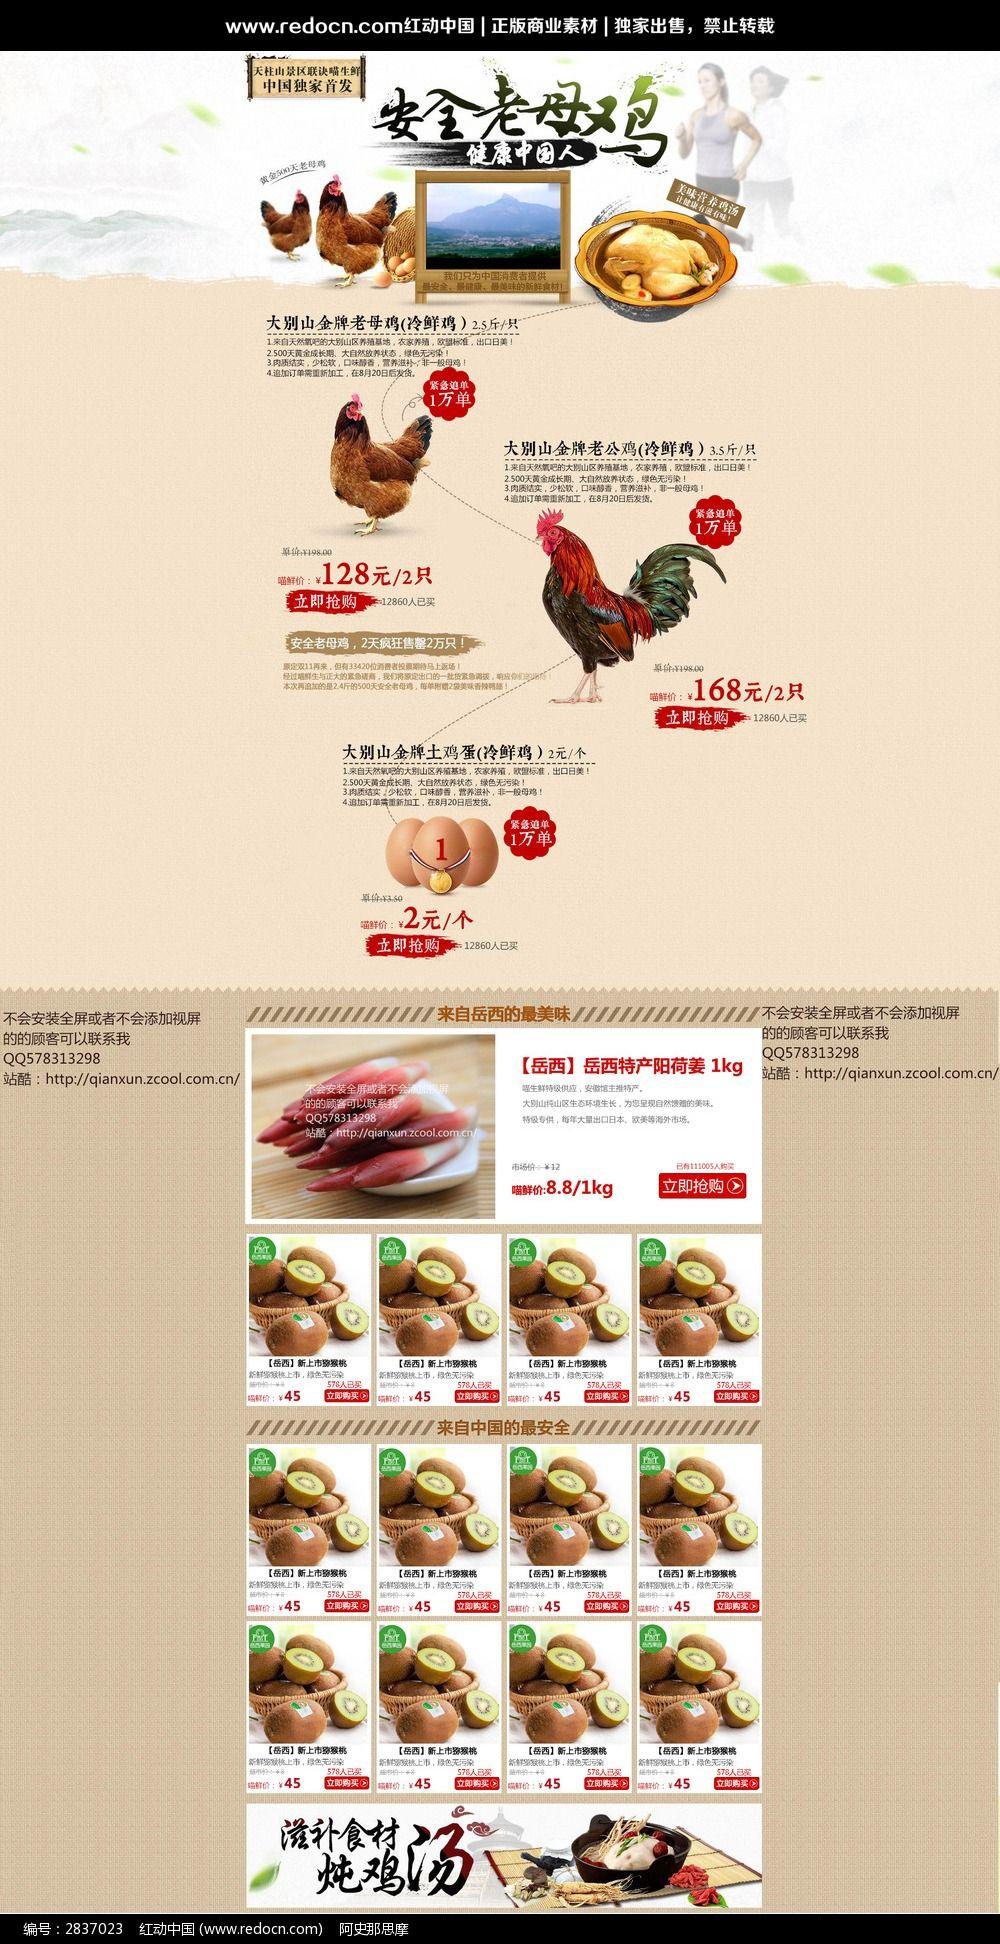 淘宝农产品土特产首页模板PSD素材下载 编号2837023 红动网